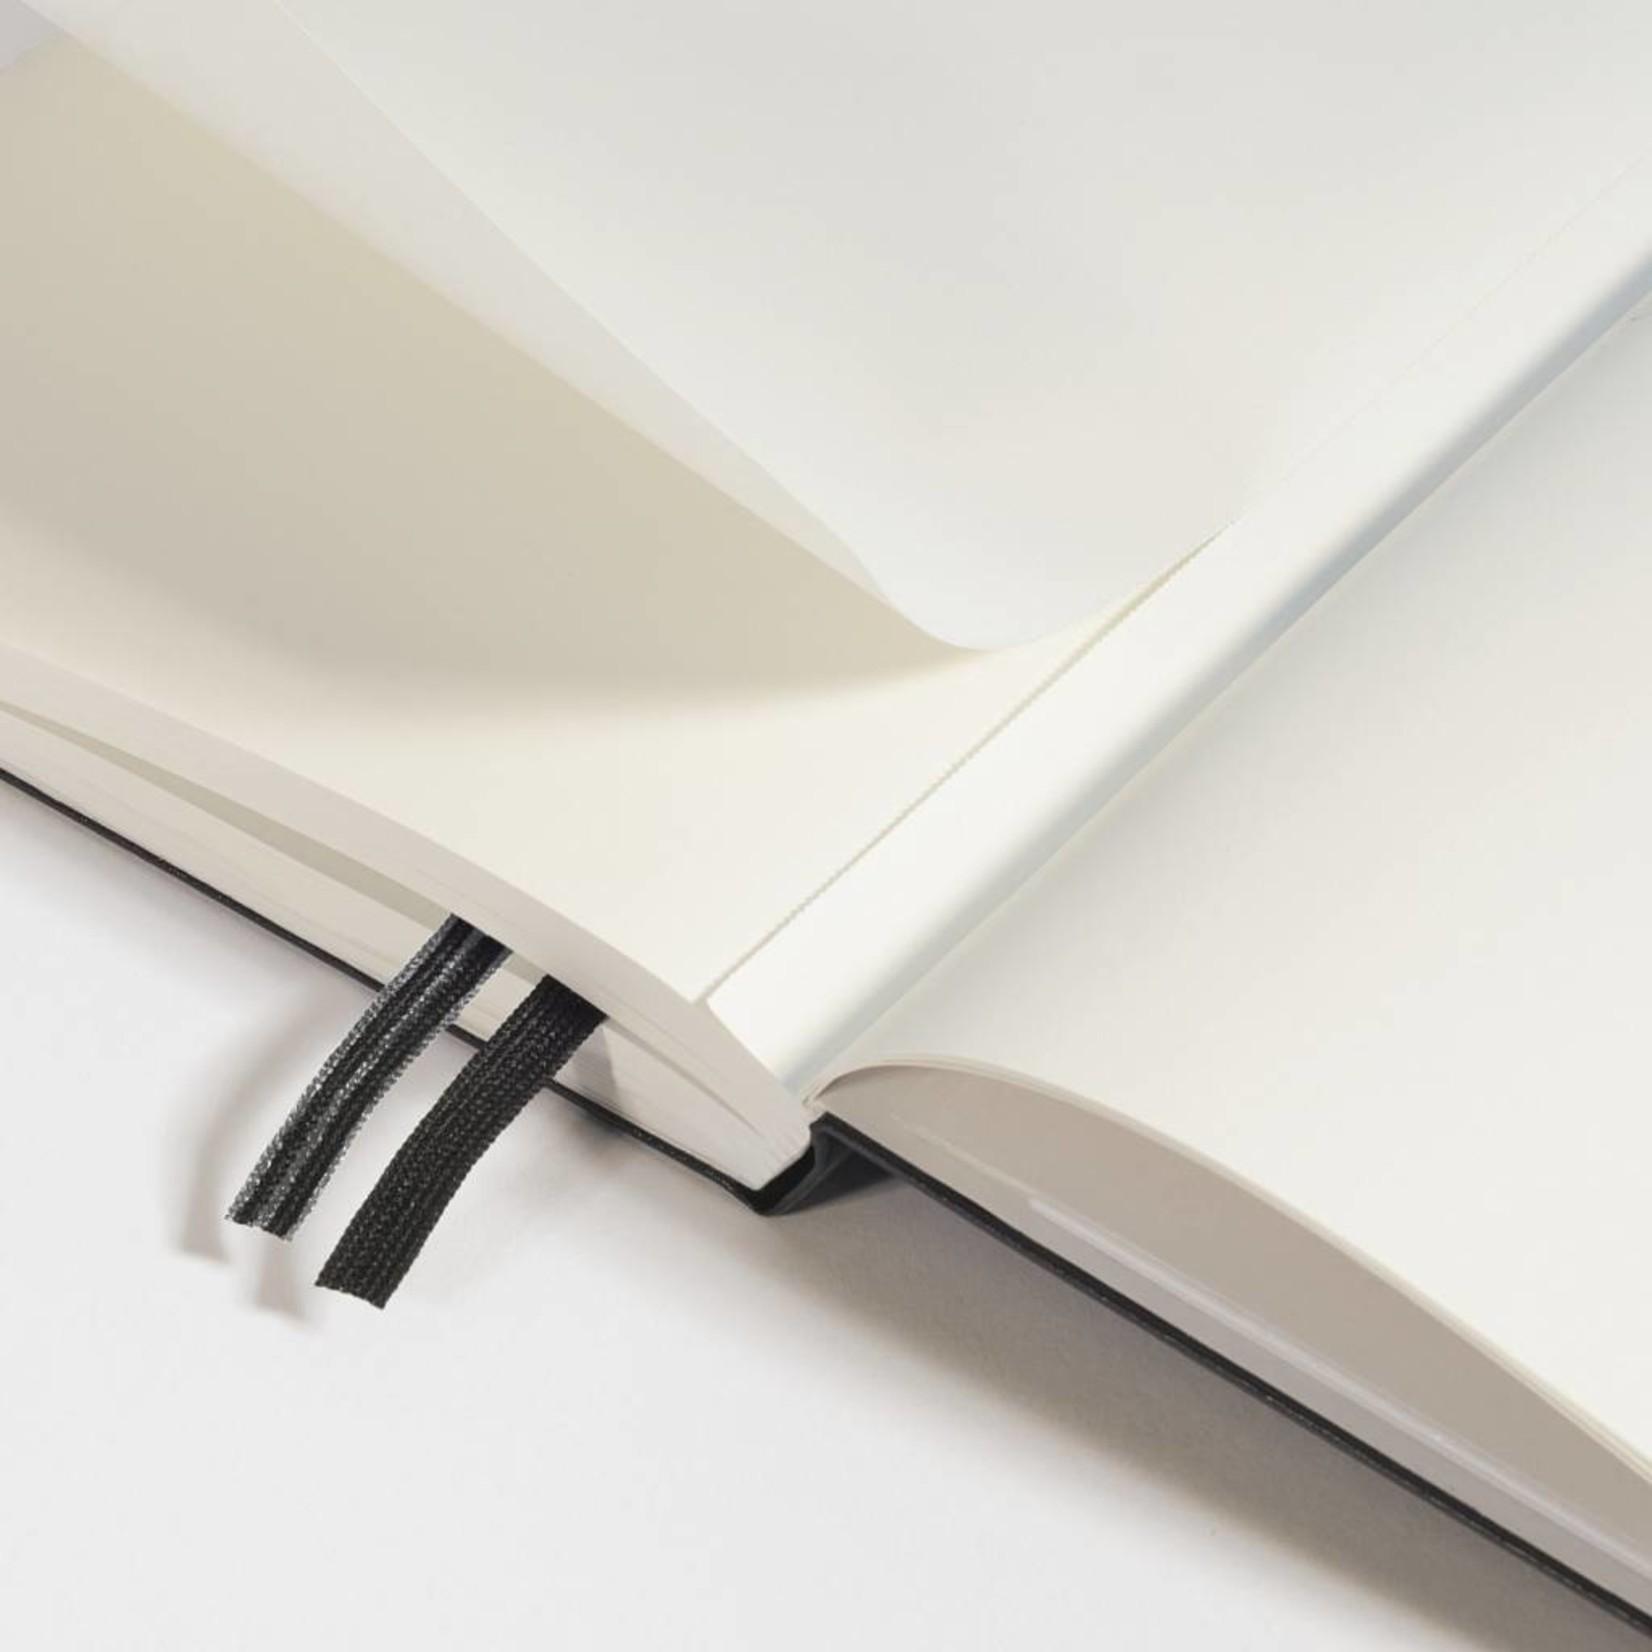 LT Notizbuch A5 MEDIUM HC azure liniert